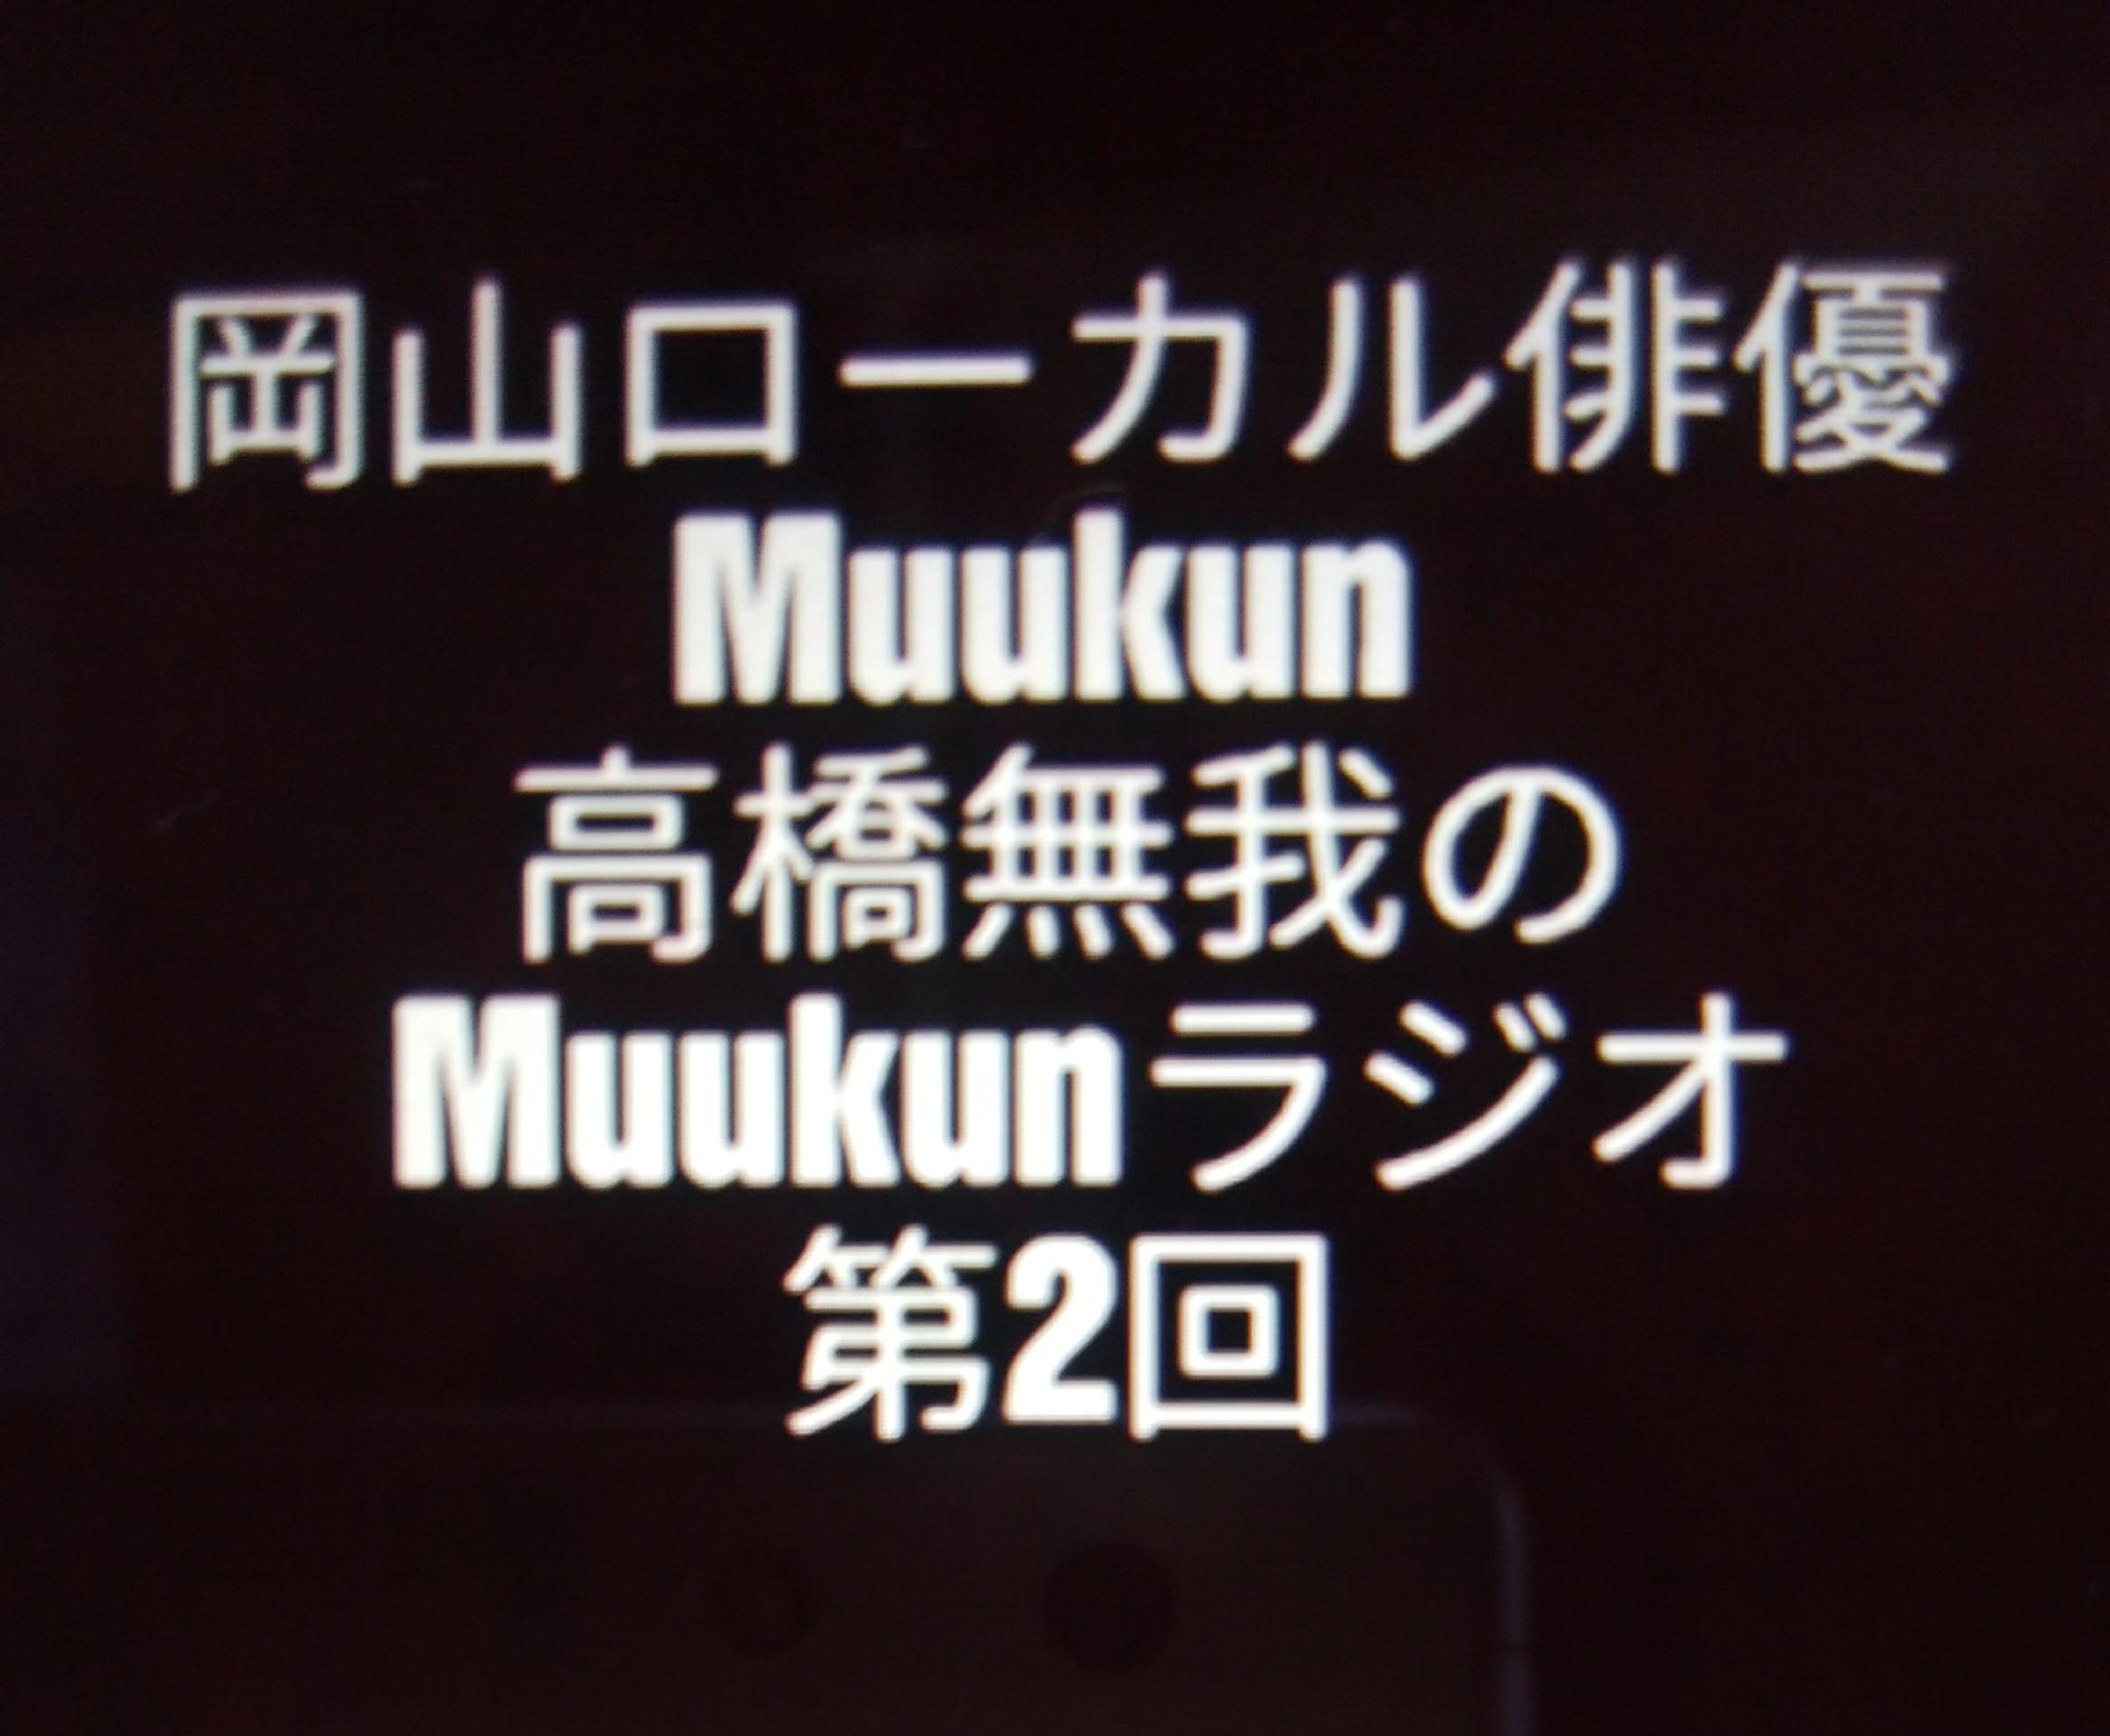 Muukunラジオ 第2回 2019年5月25日